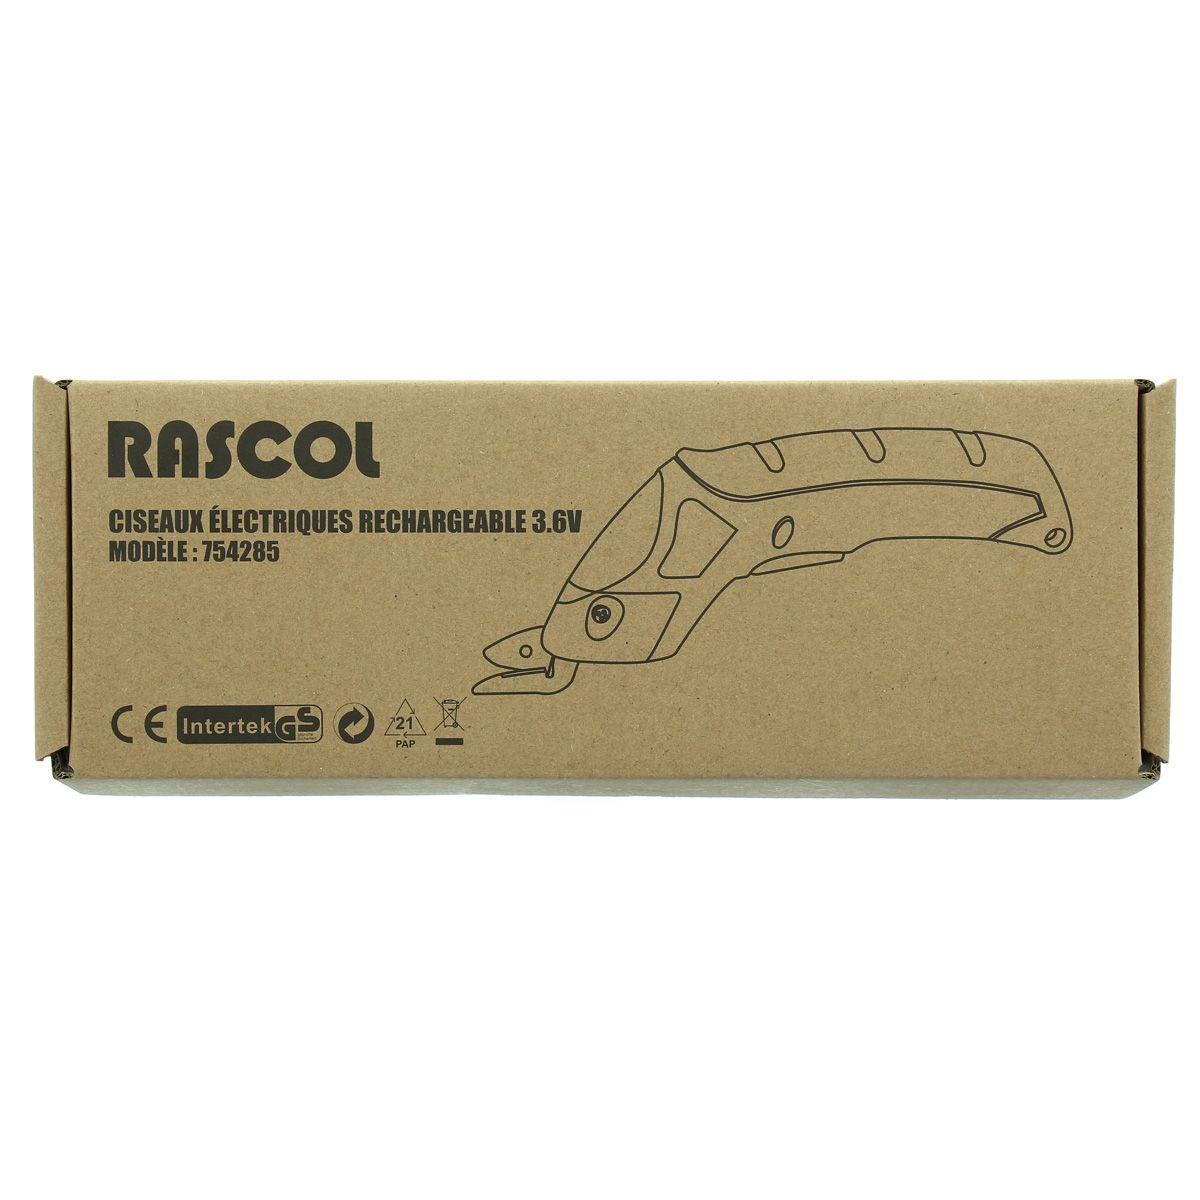 Ciseaux électriques rechargeable Rascol